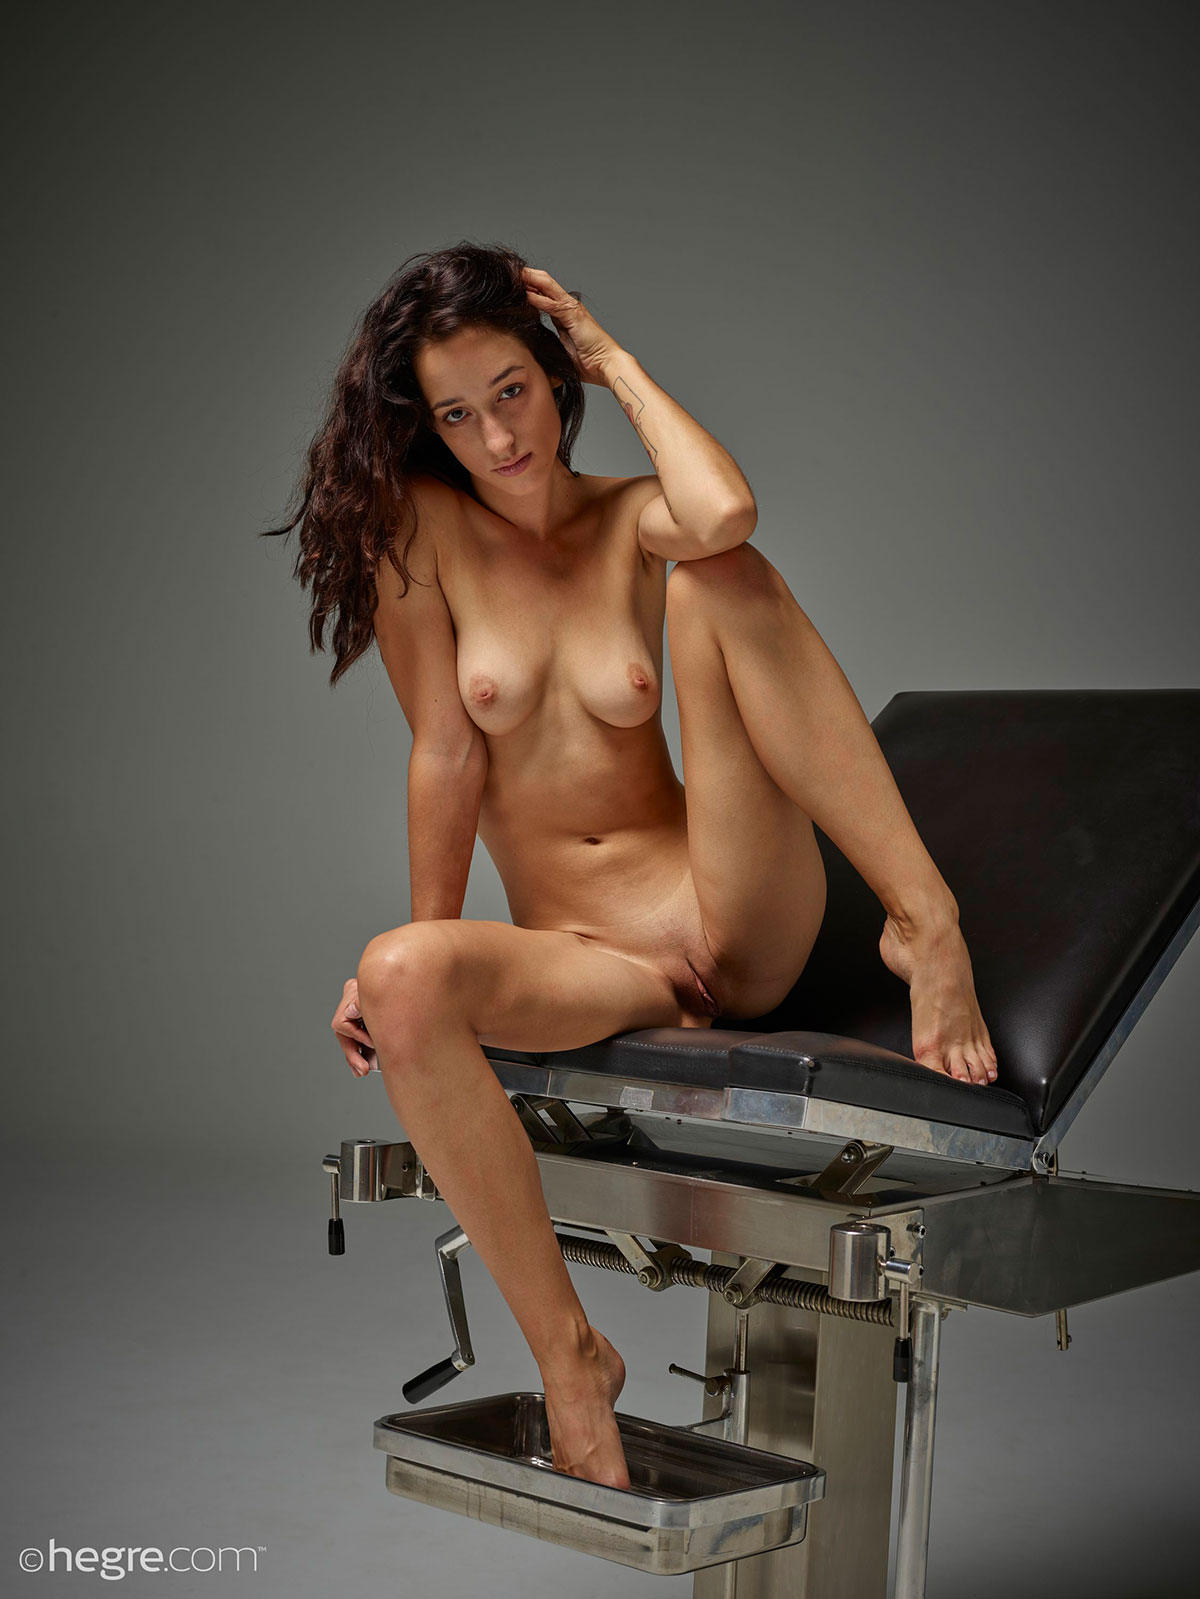 Hard body girl nude self pics